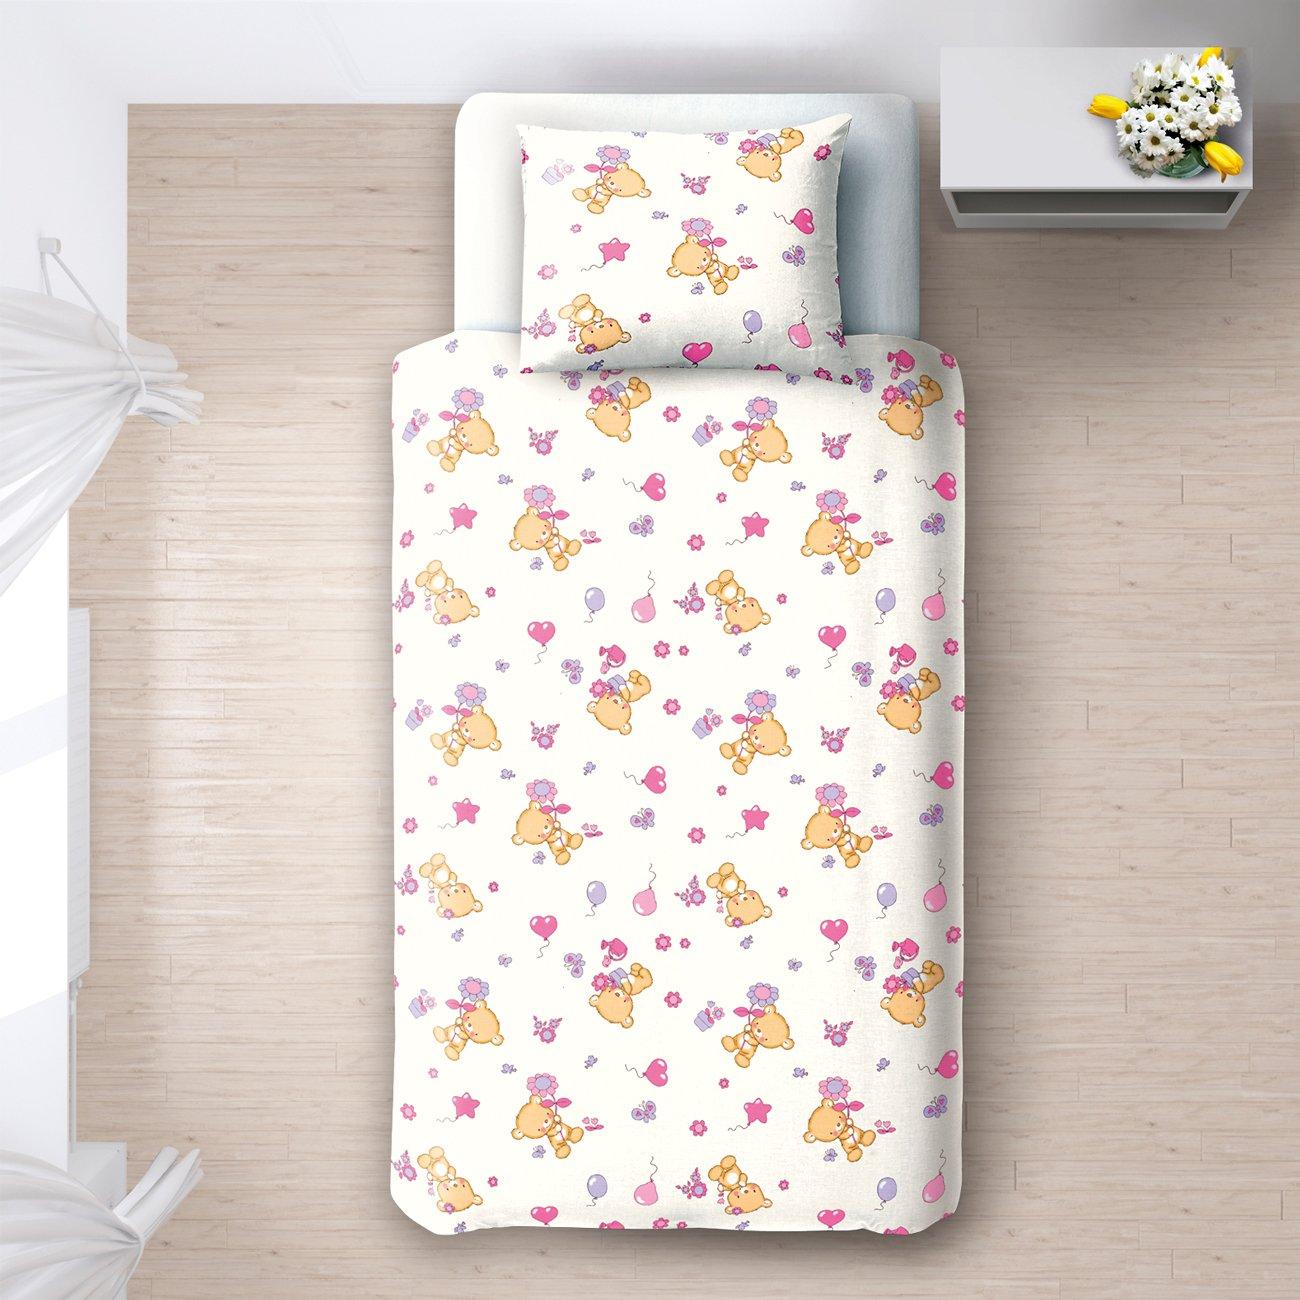 Amazon.com: Baby Bears 2 – SoulBedroom 100% algodón juego de ...